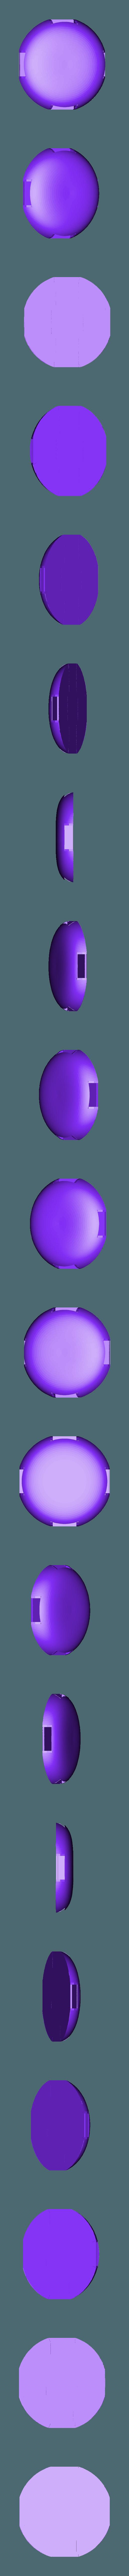 Dessous_plasmide.stl Download free STL file Plasmid vial remix (separate parts + screwable head) • 3D print model, conceptify